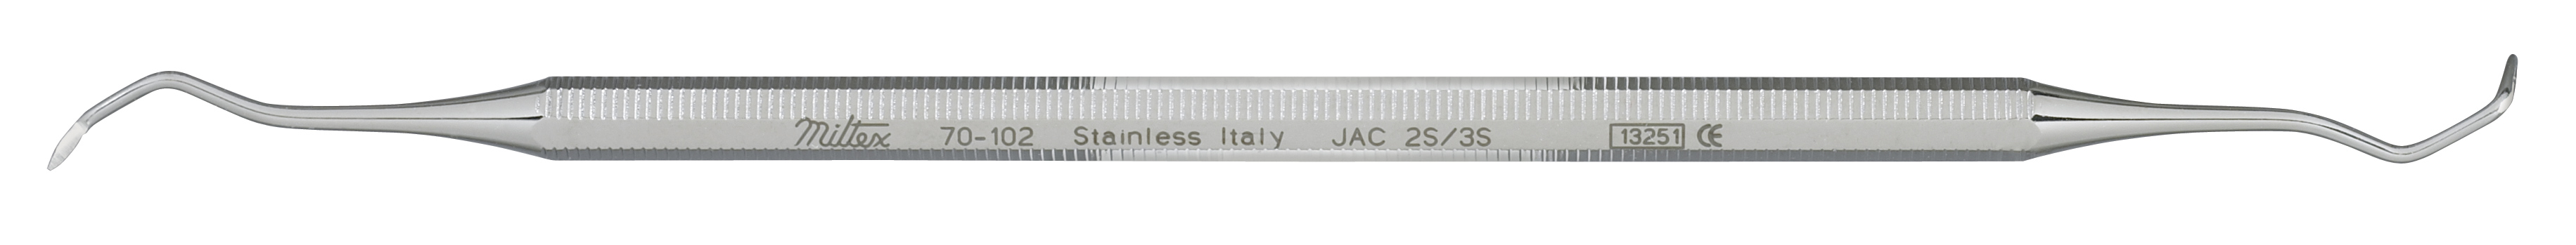 2s-3s-jacquette-scaler-octagonal-double-end-70-102-miltex.jpg